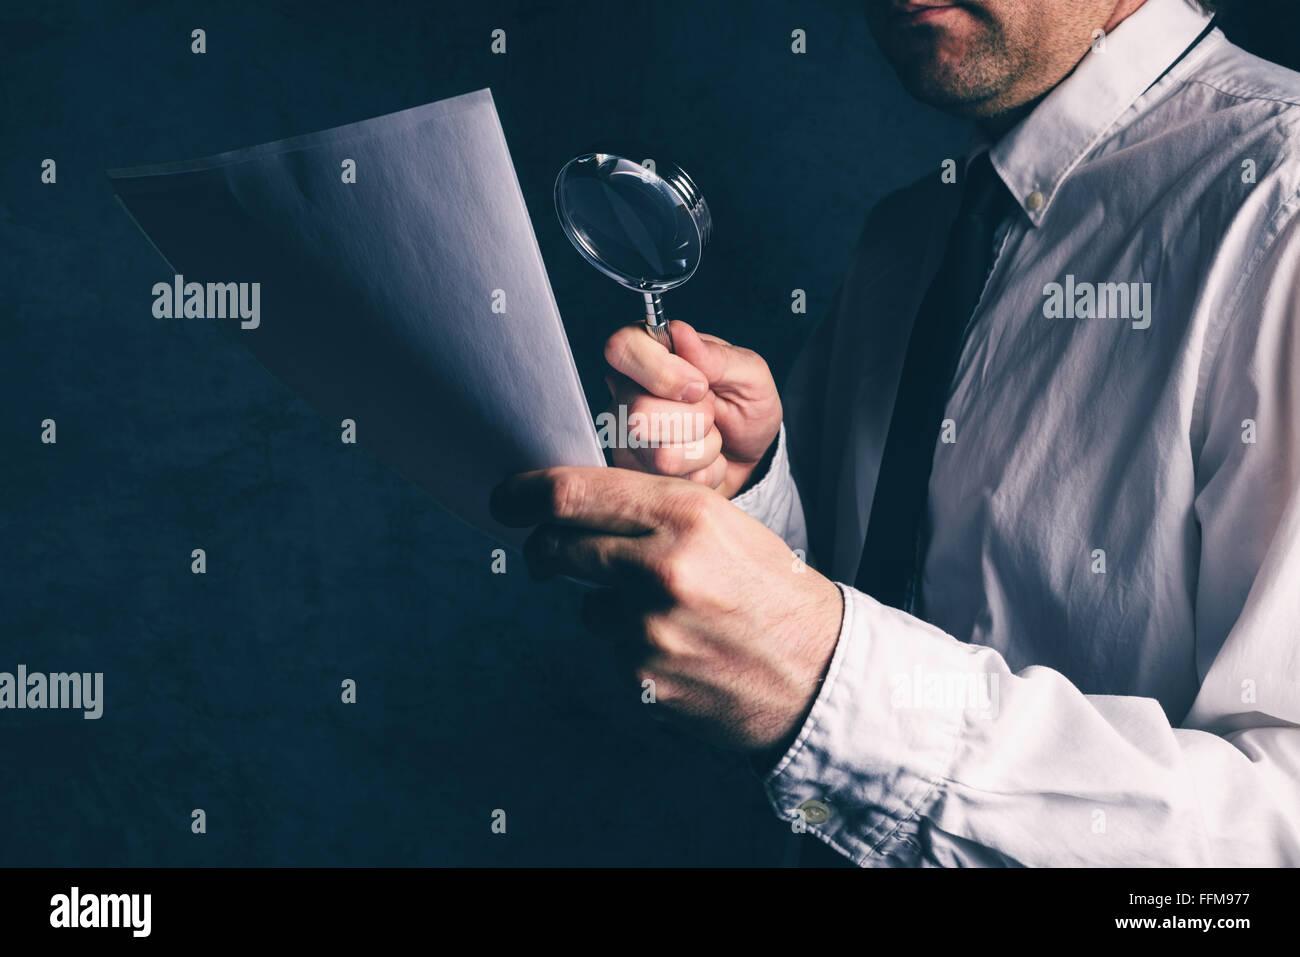 Steuerkommissär tun, Rechnungsprüfung, Kaufmann, die geschäftlichen Bericht oder Vertrag Fußnoten Haftungsausschluss Stockfoto